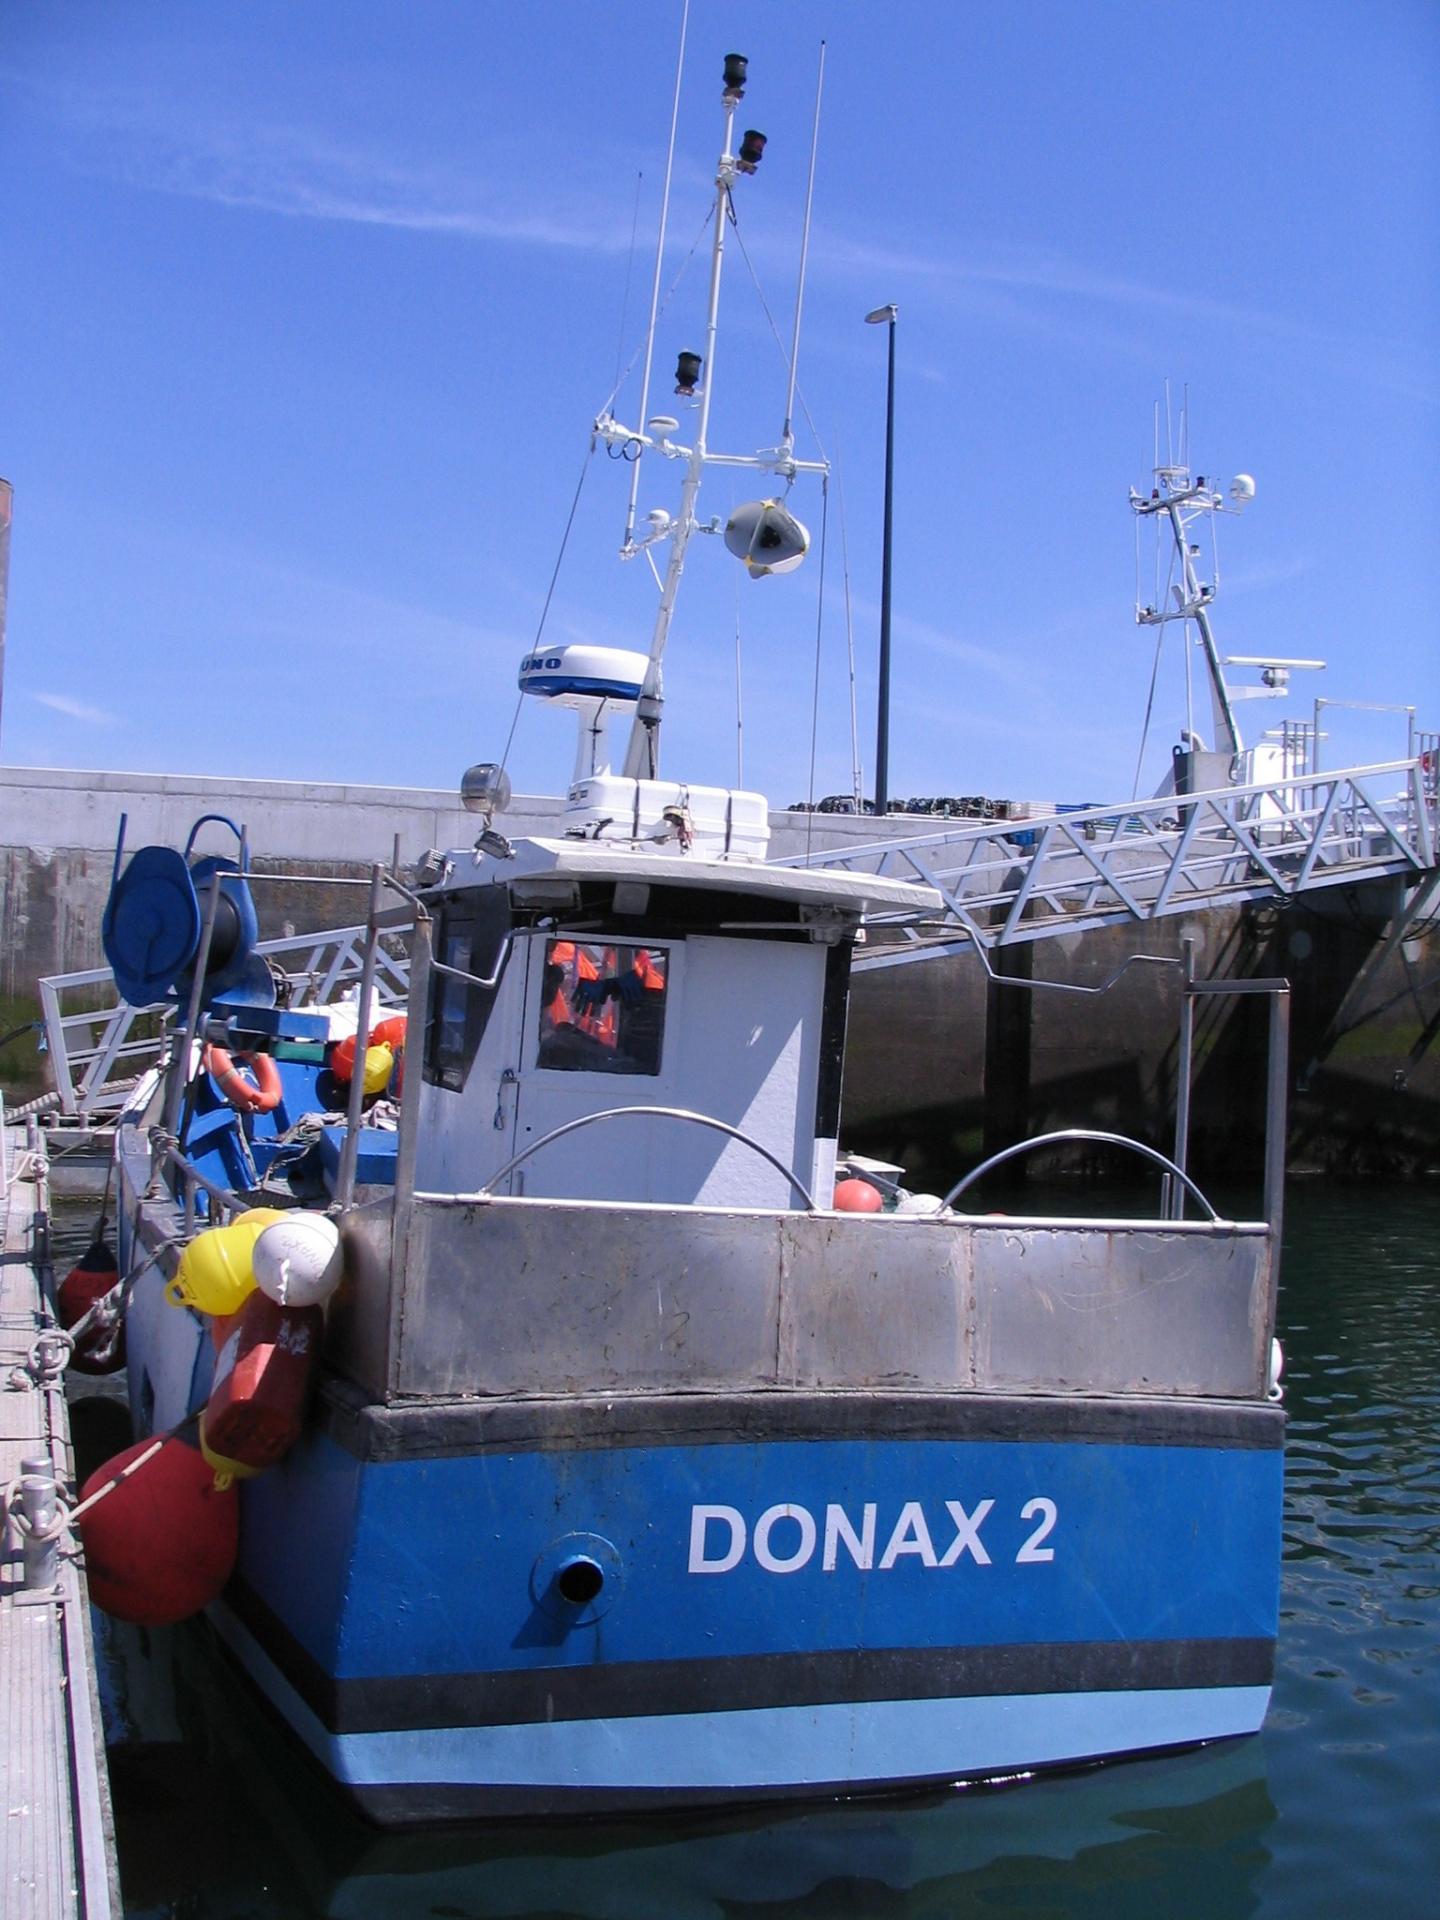 200516 donax 2 quai 2